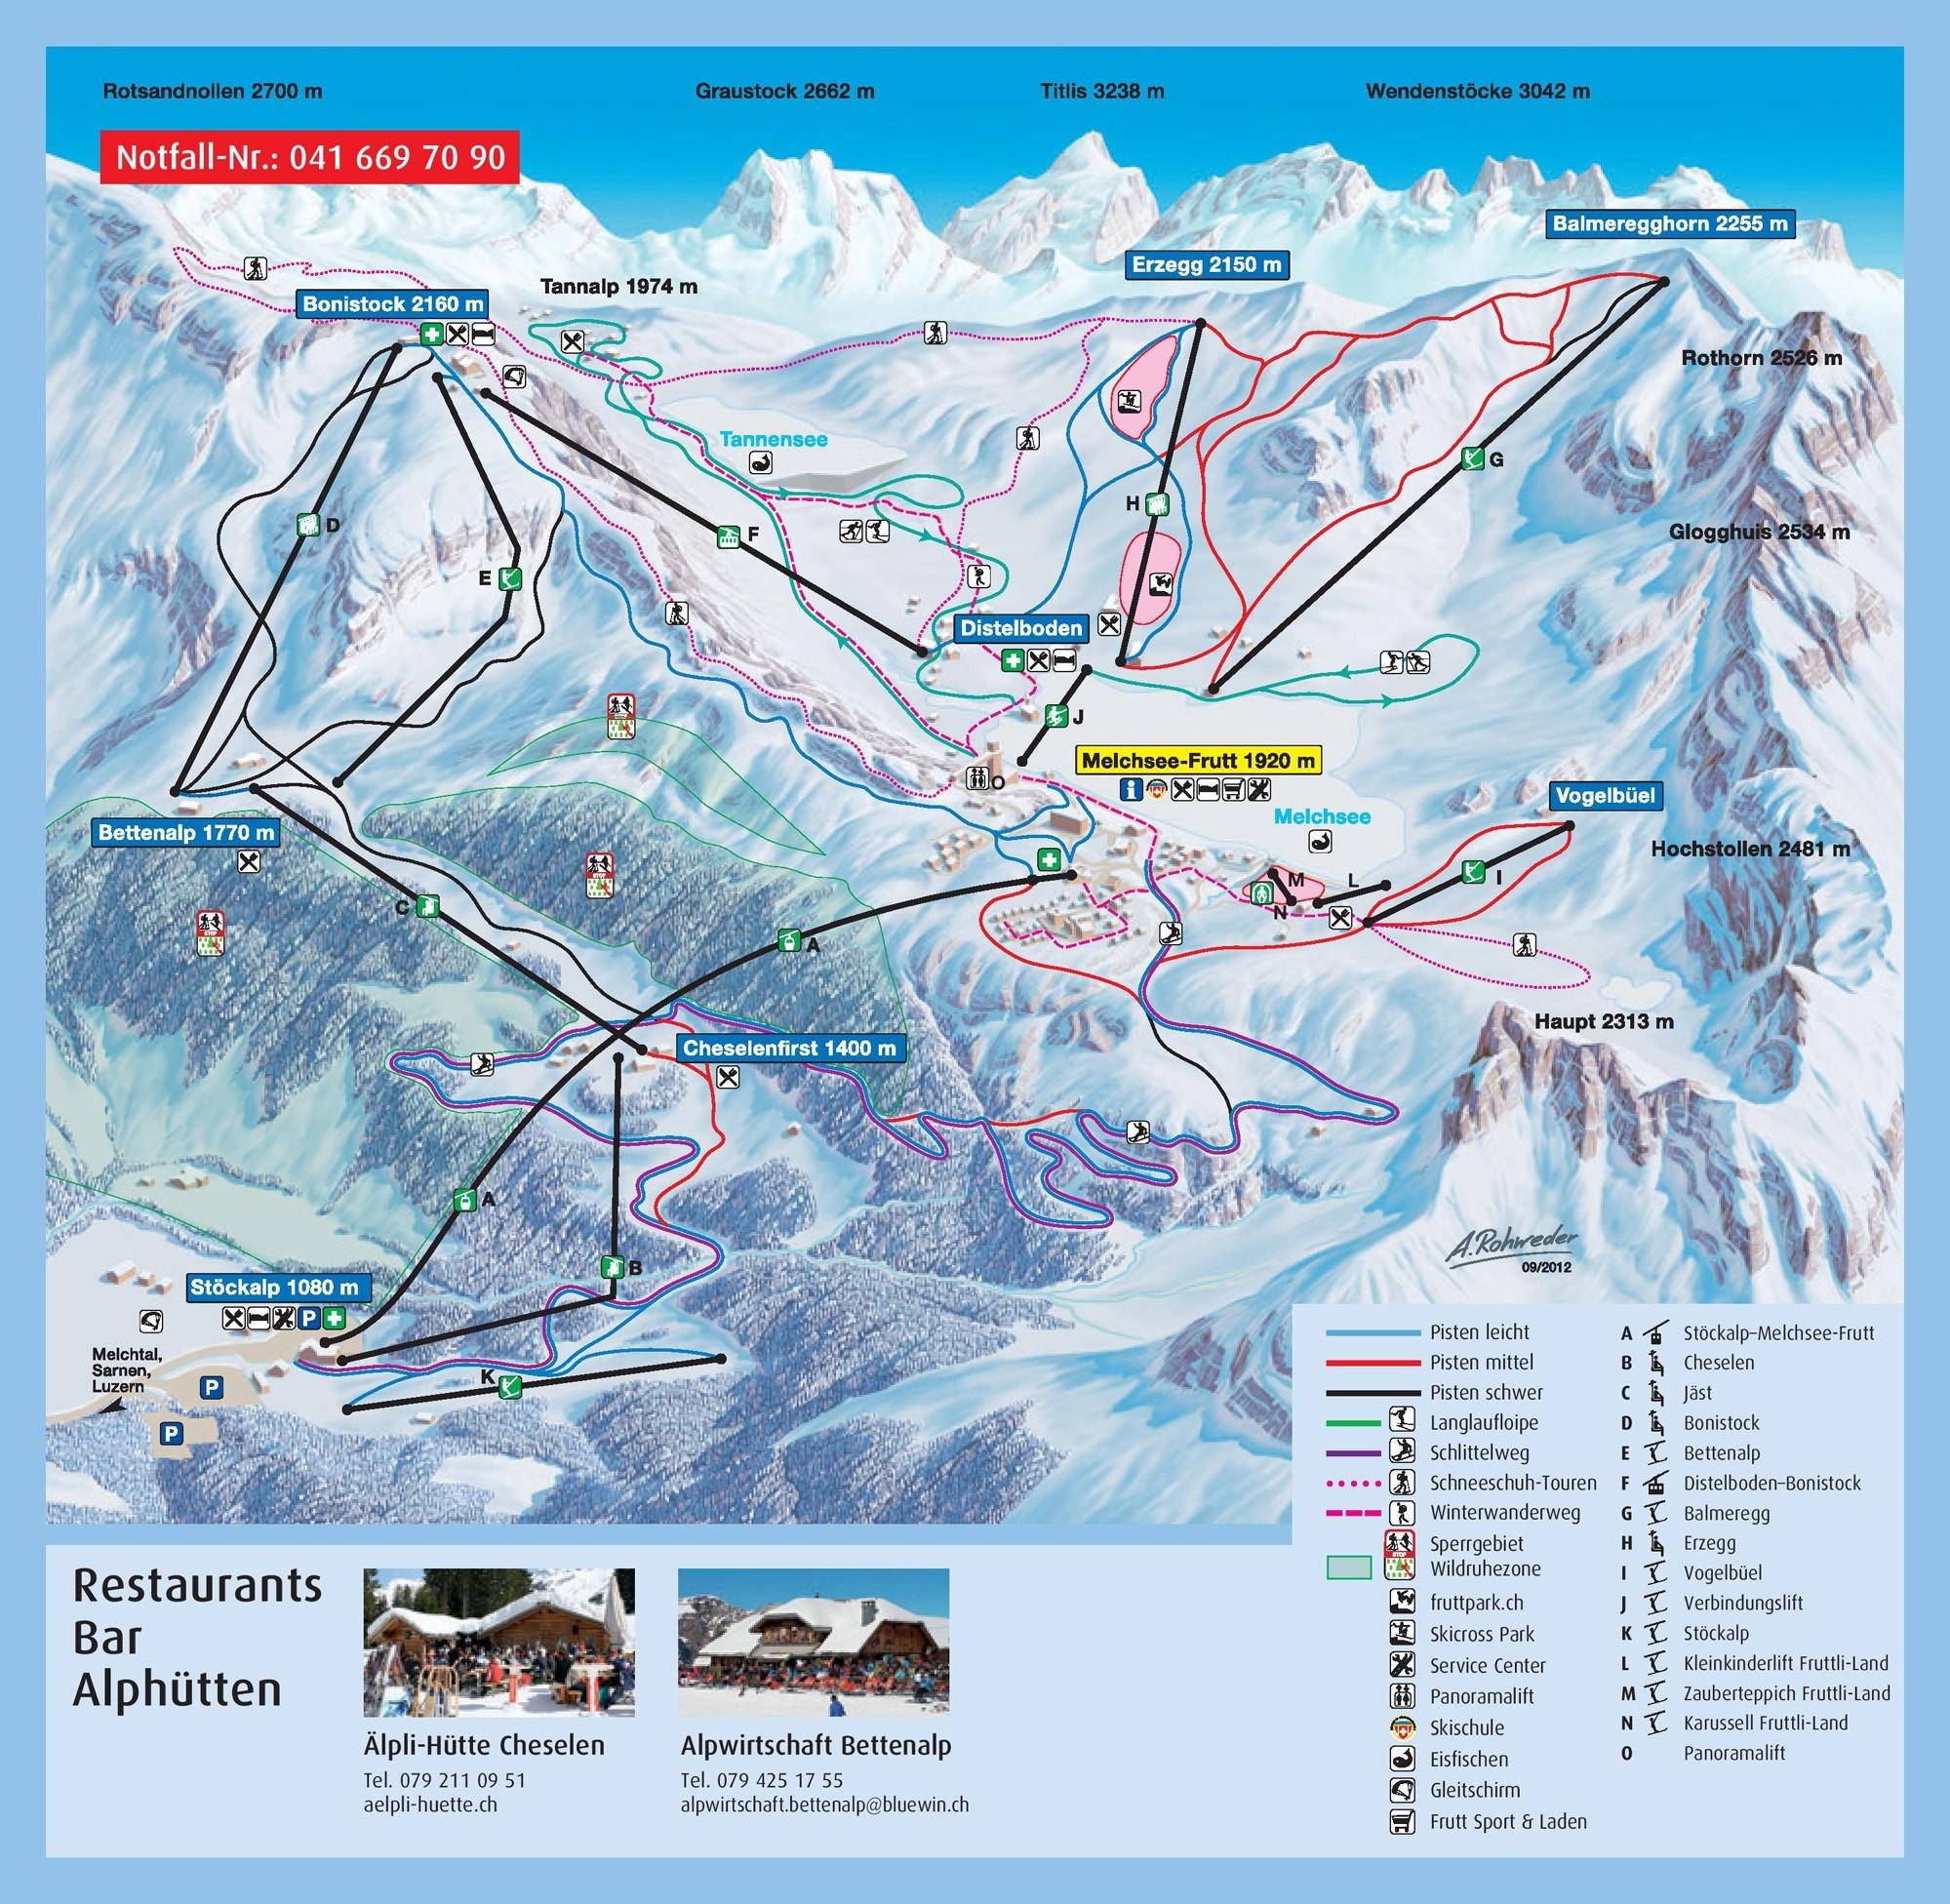 Melchsee-Frutt Piste / Trail Map